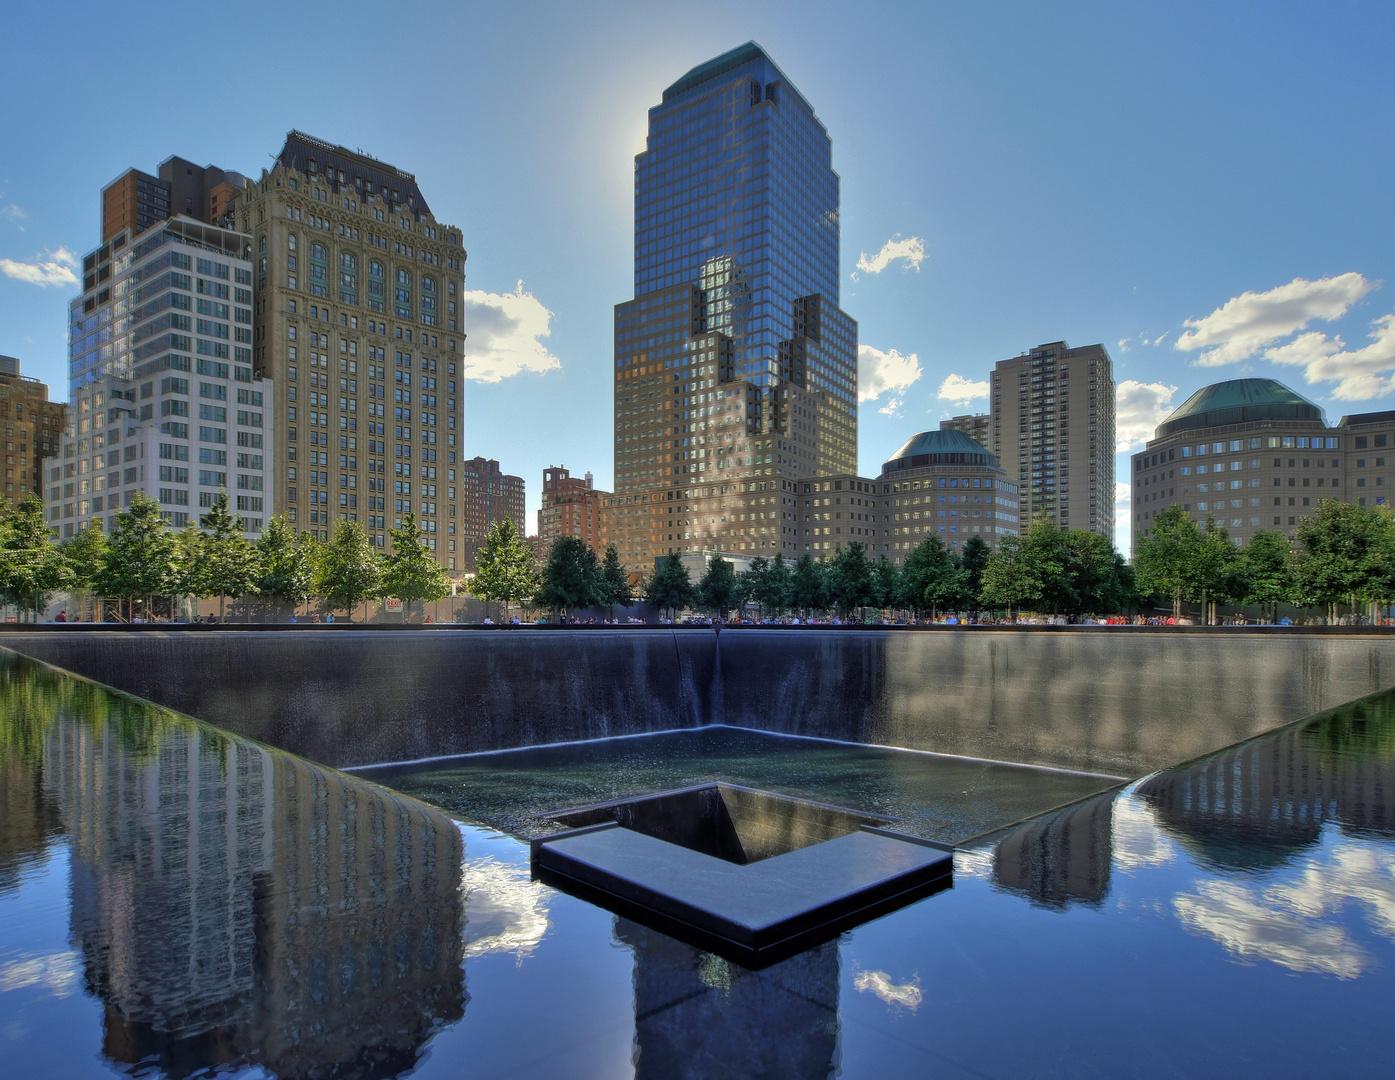 WTC Memorial - 11.09.2001